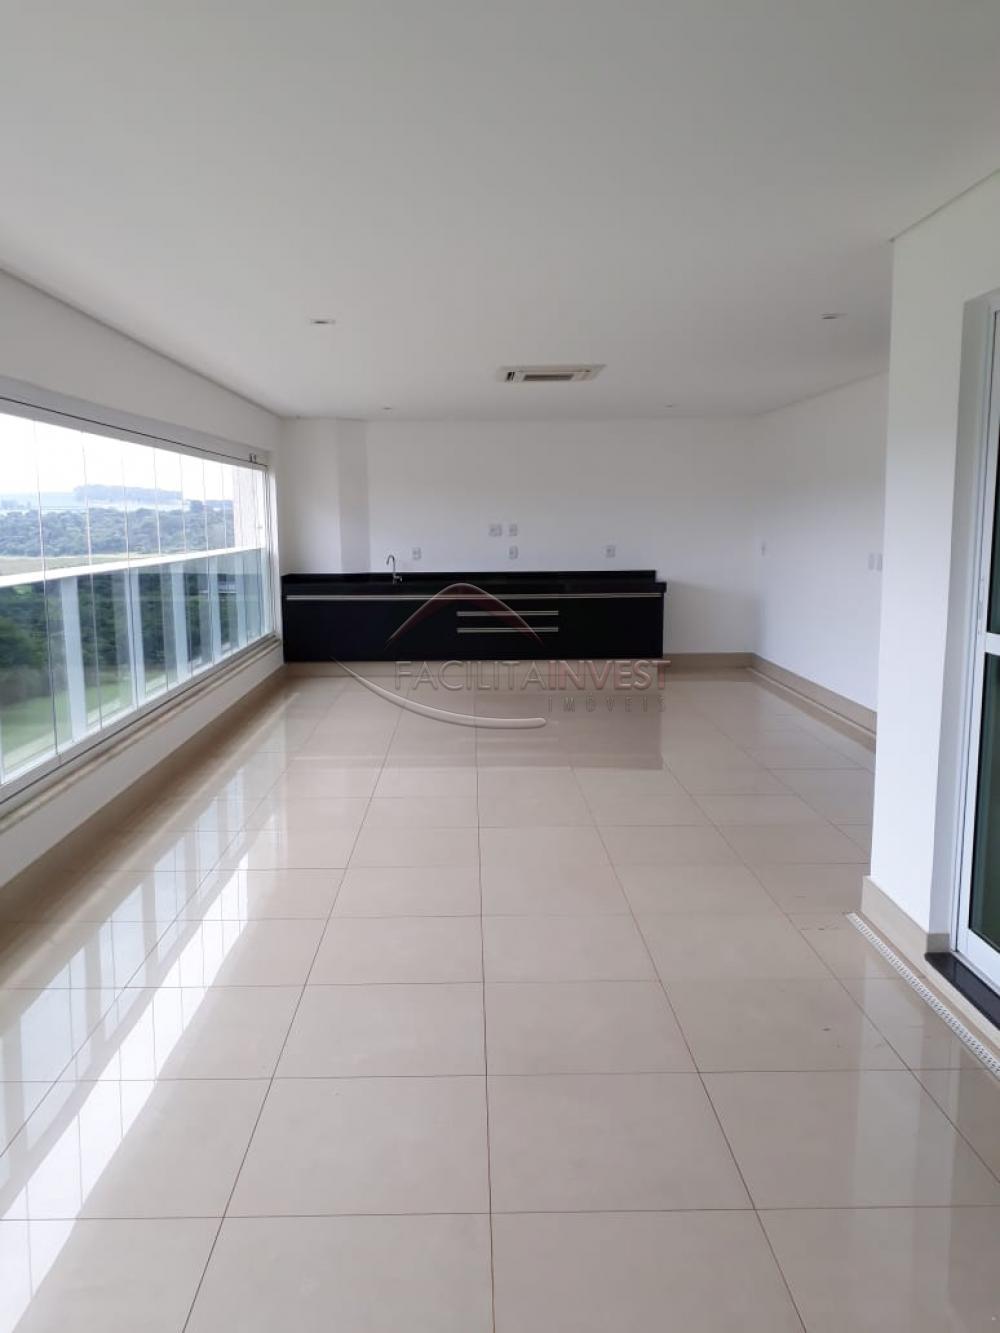 Alugar Apartamentos / Apart. Padrão em Ribeirão Preto apenas R$ 10.000,00 - Foto 4